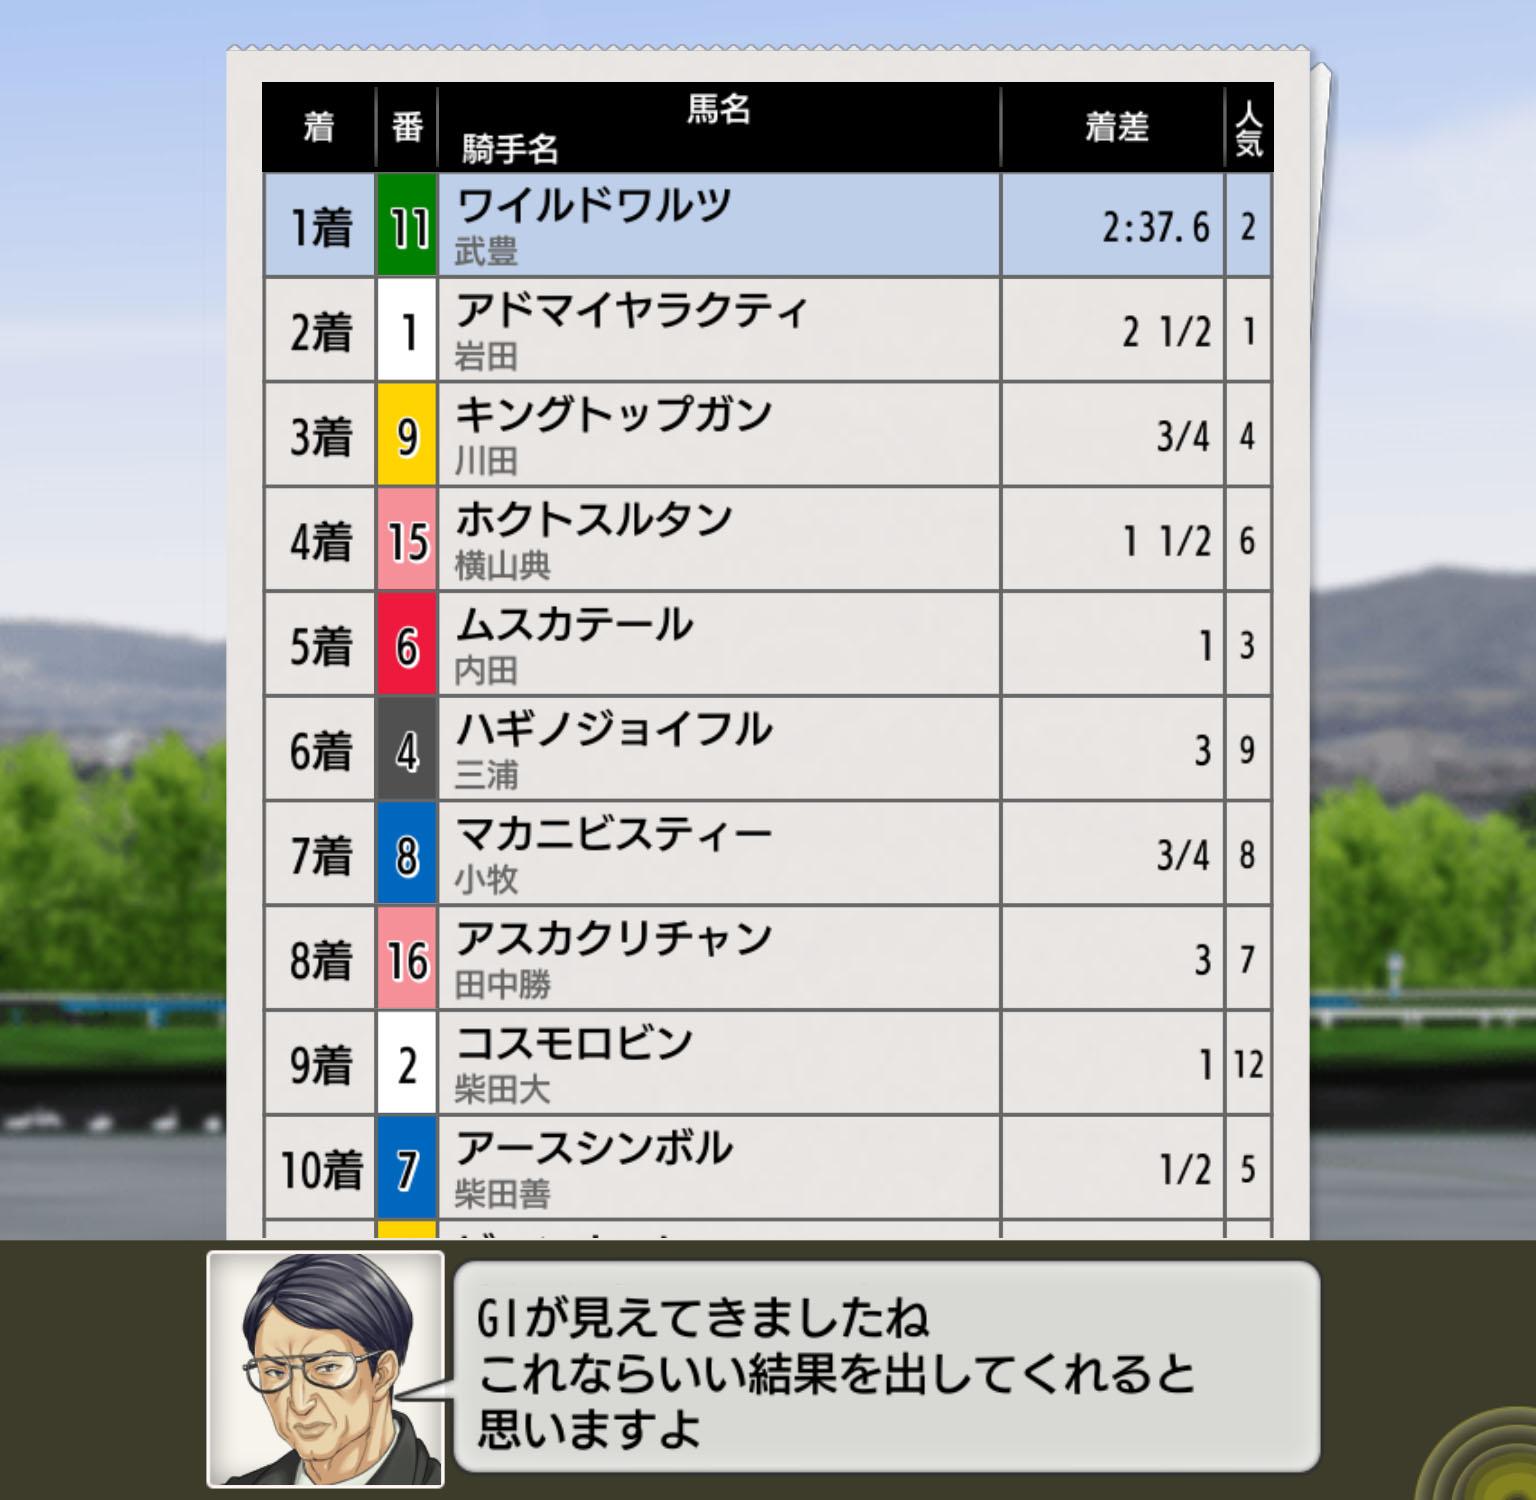 ダービースタリオン マスターズ【ストーリー5話攻略】:配合理論を覚えて産経大阪杯を勝利しよう!